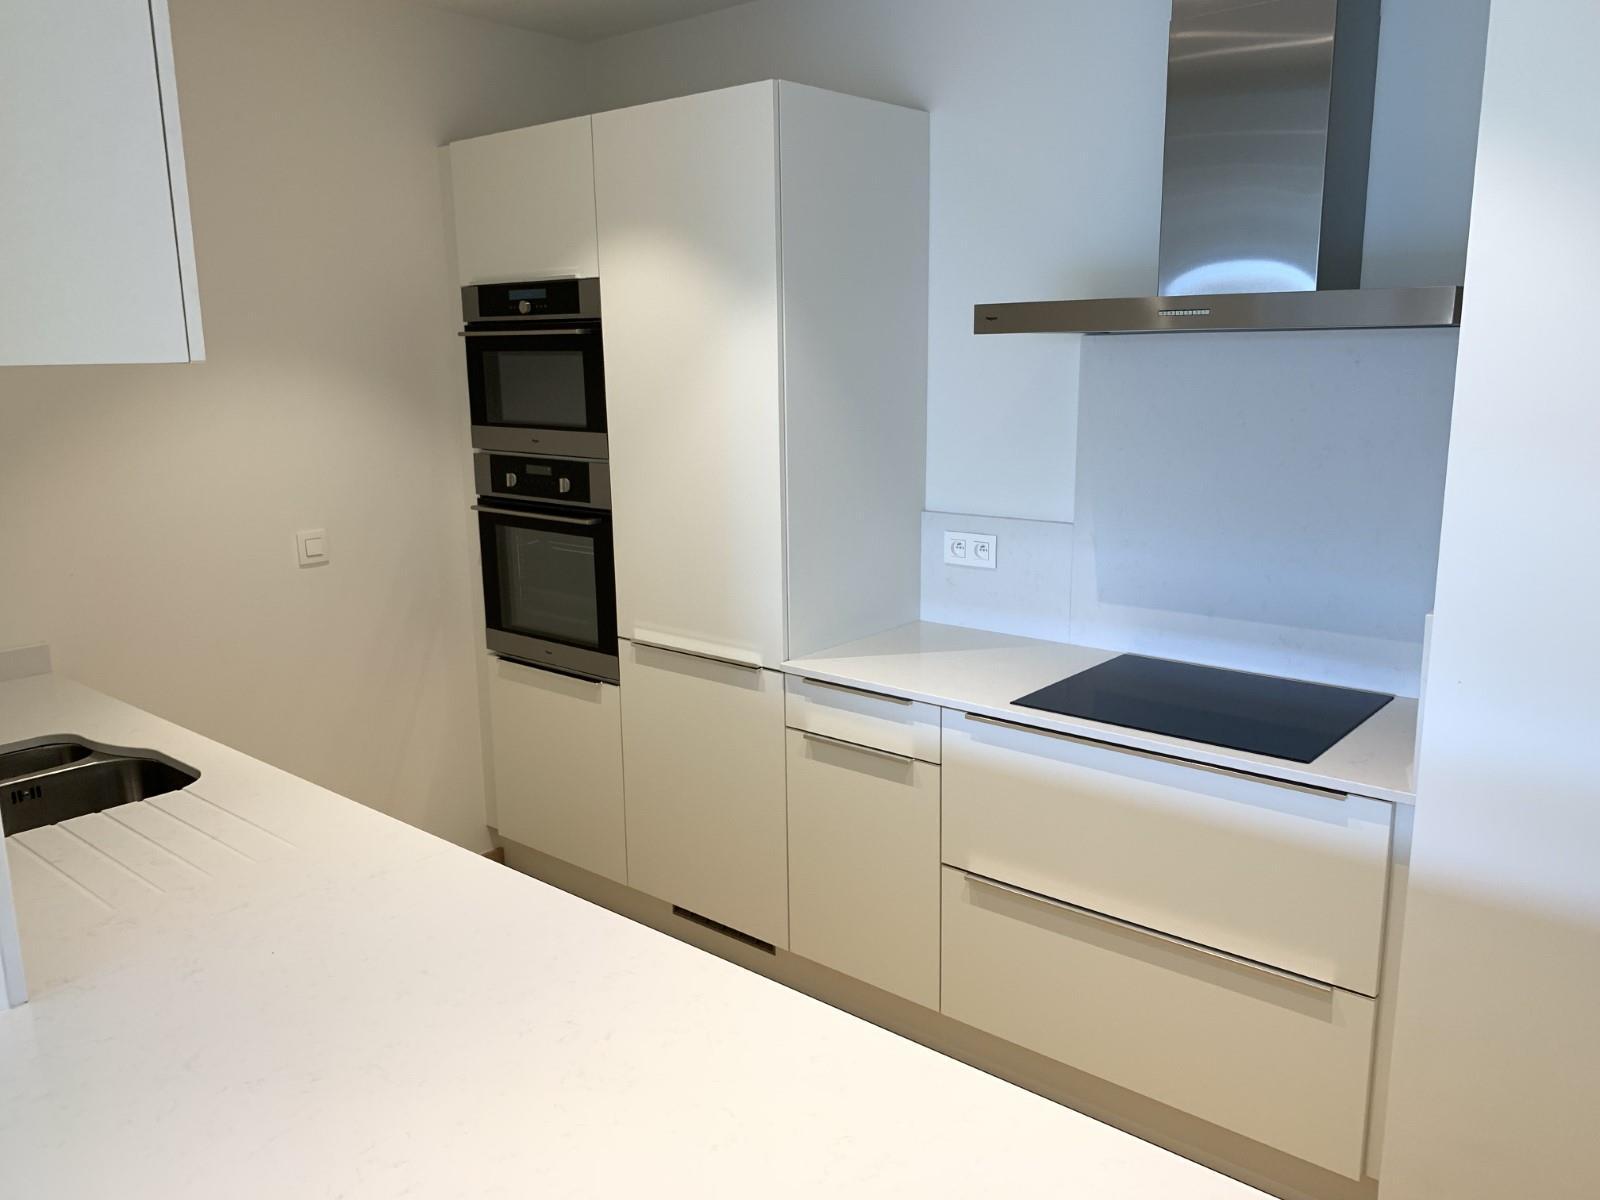 Appartement exceptionnel - Ixelles - #3929607-6